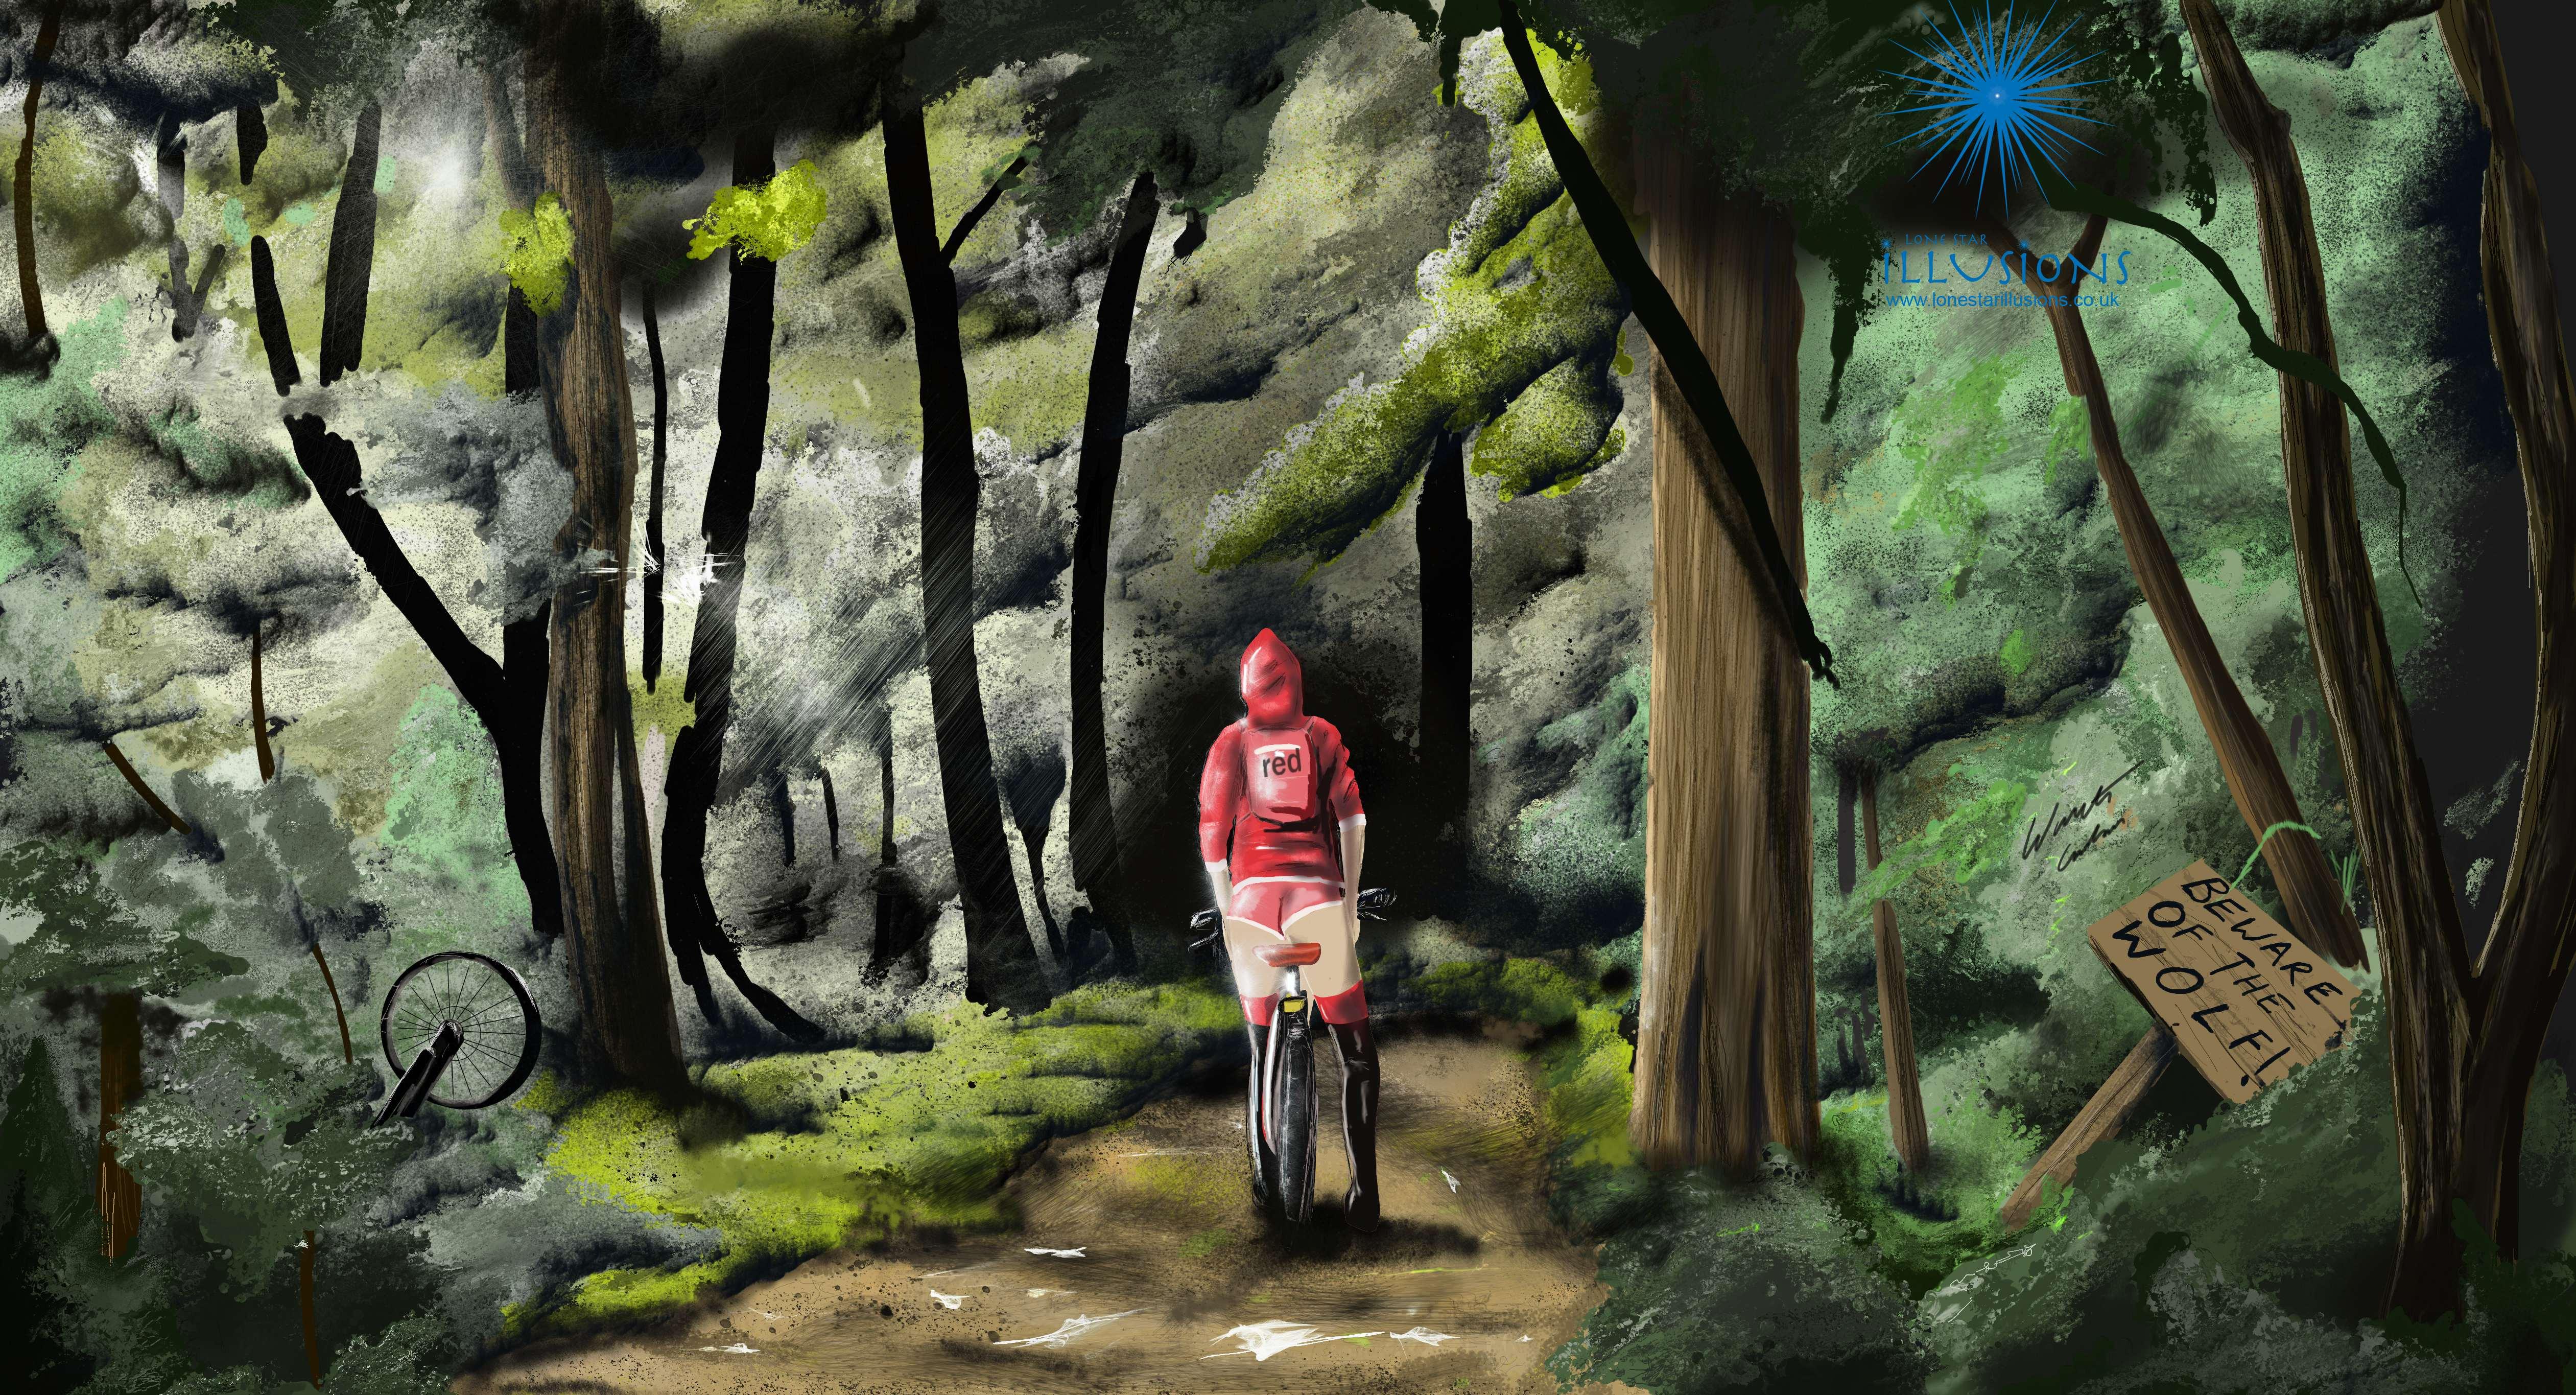 Red Riddinghood, Little Red Riddinghood, Red Ridding Hood Illustration, woods, Red Ridding